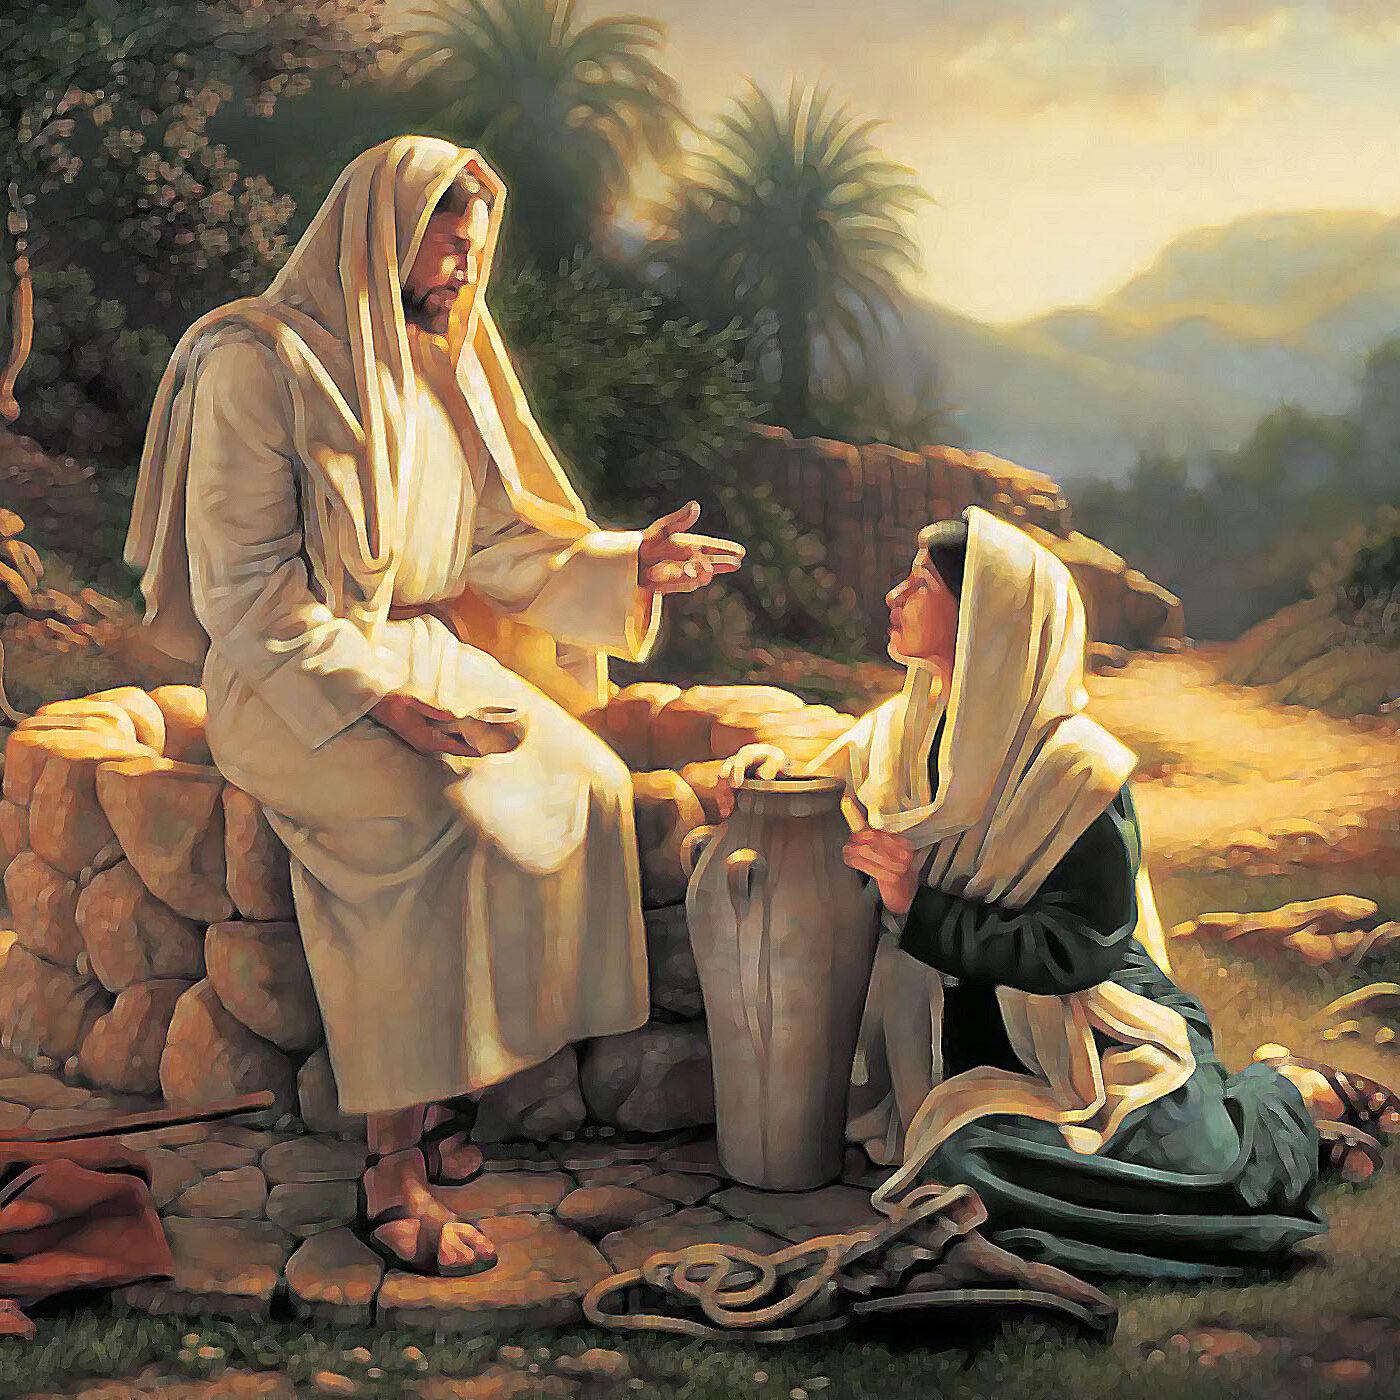 riflessioni sul Vangelo di Giovedì 5 Novembre 2020 (Lc 15, 1-10) - Apostola Briana